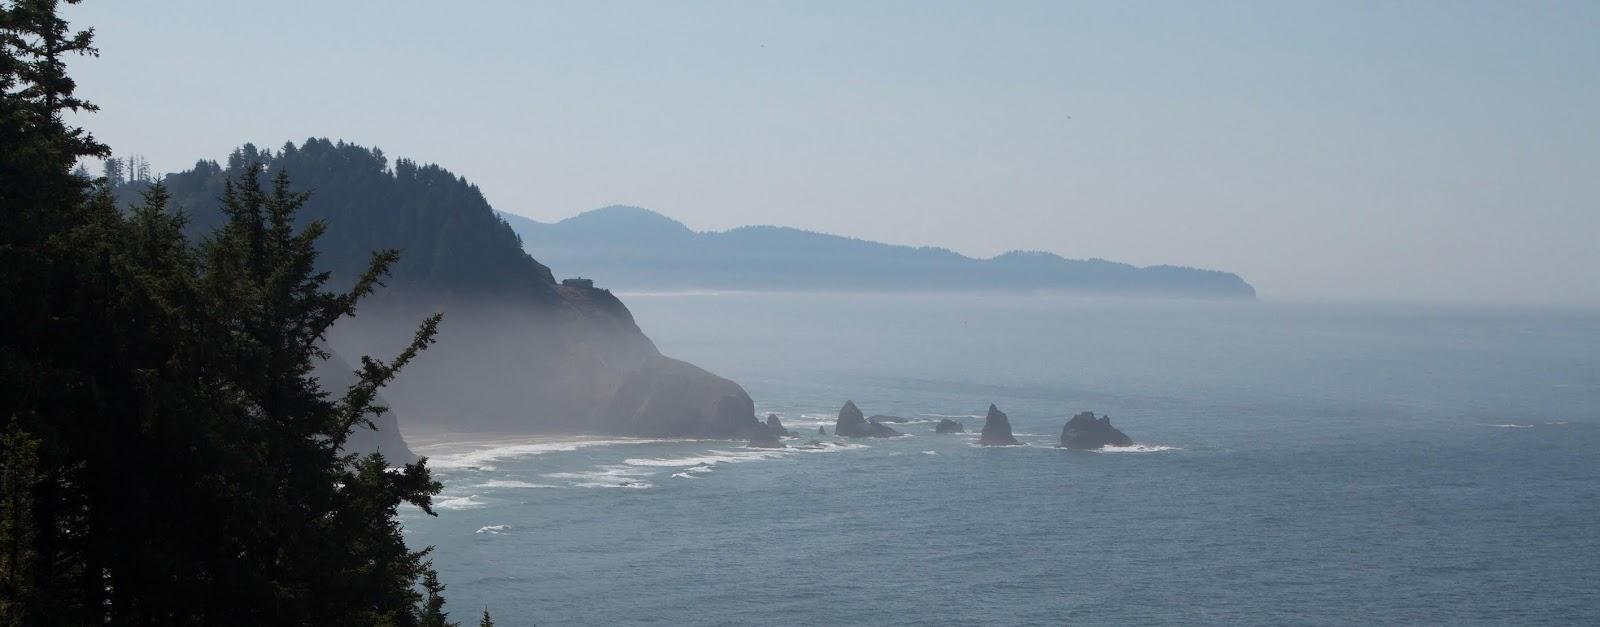 The Oregon Coast Part I: Redwoods and Lumberjacks